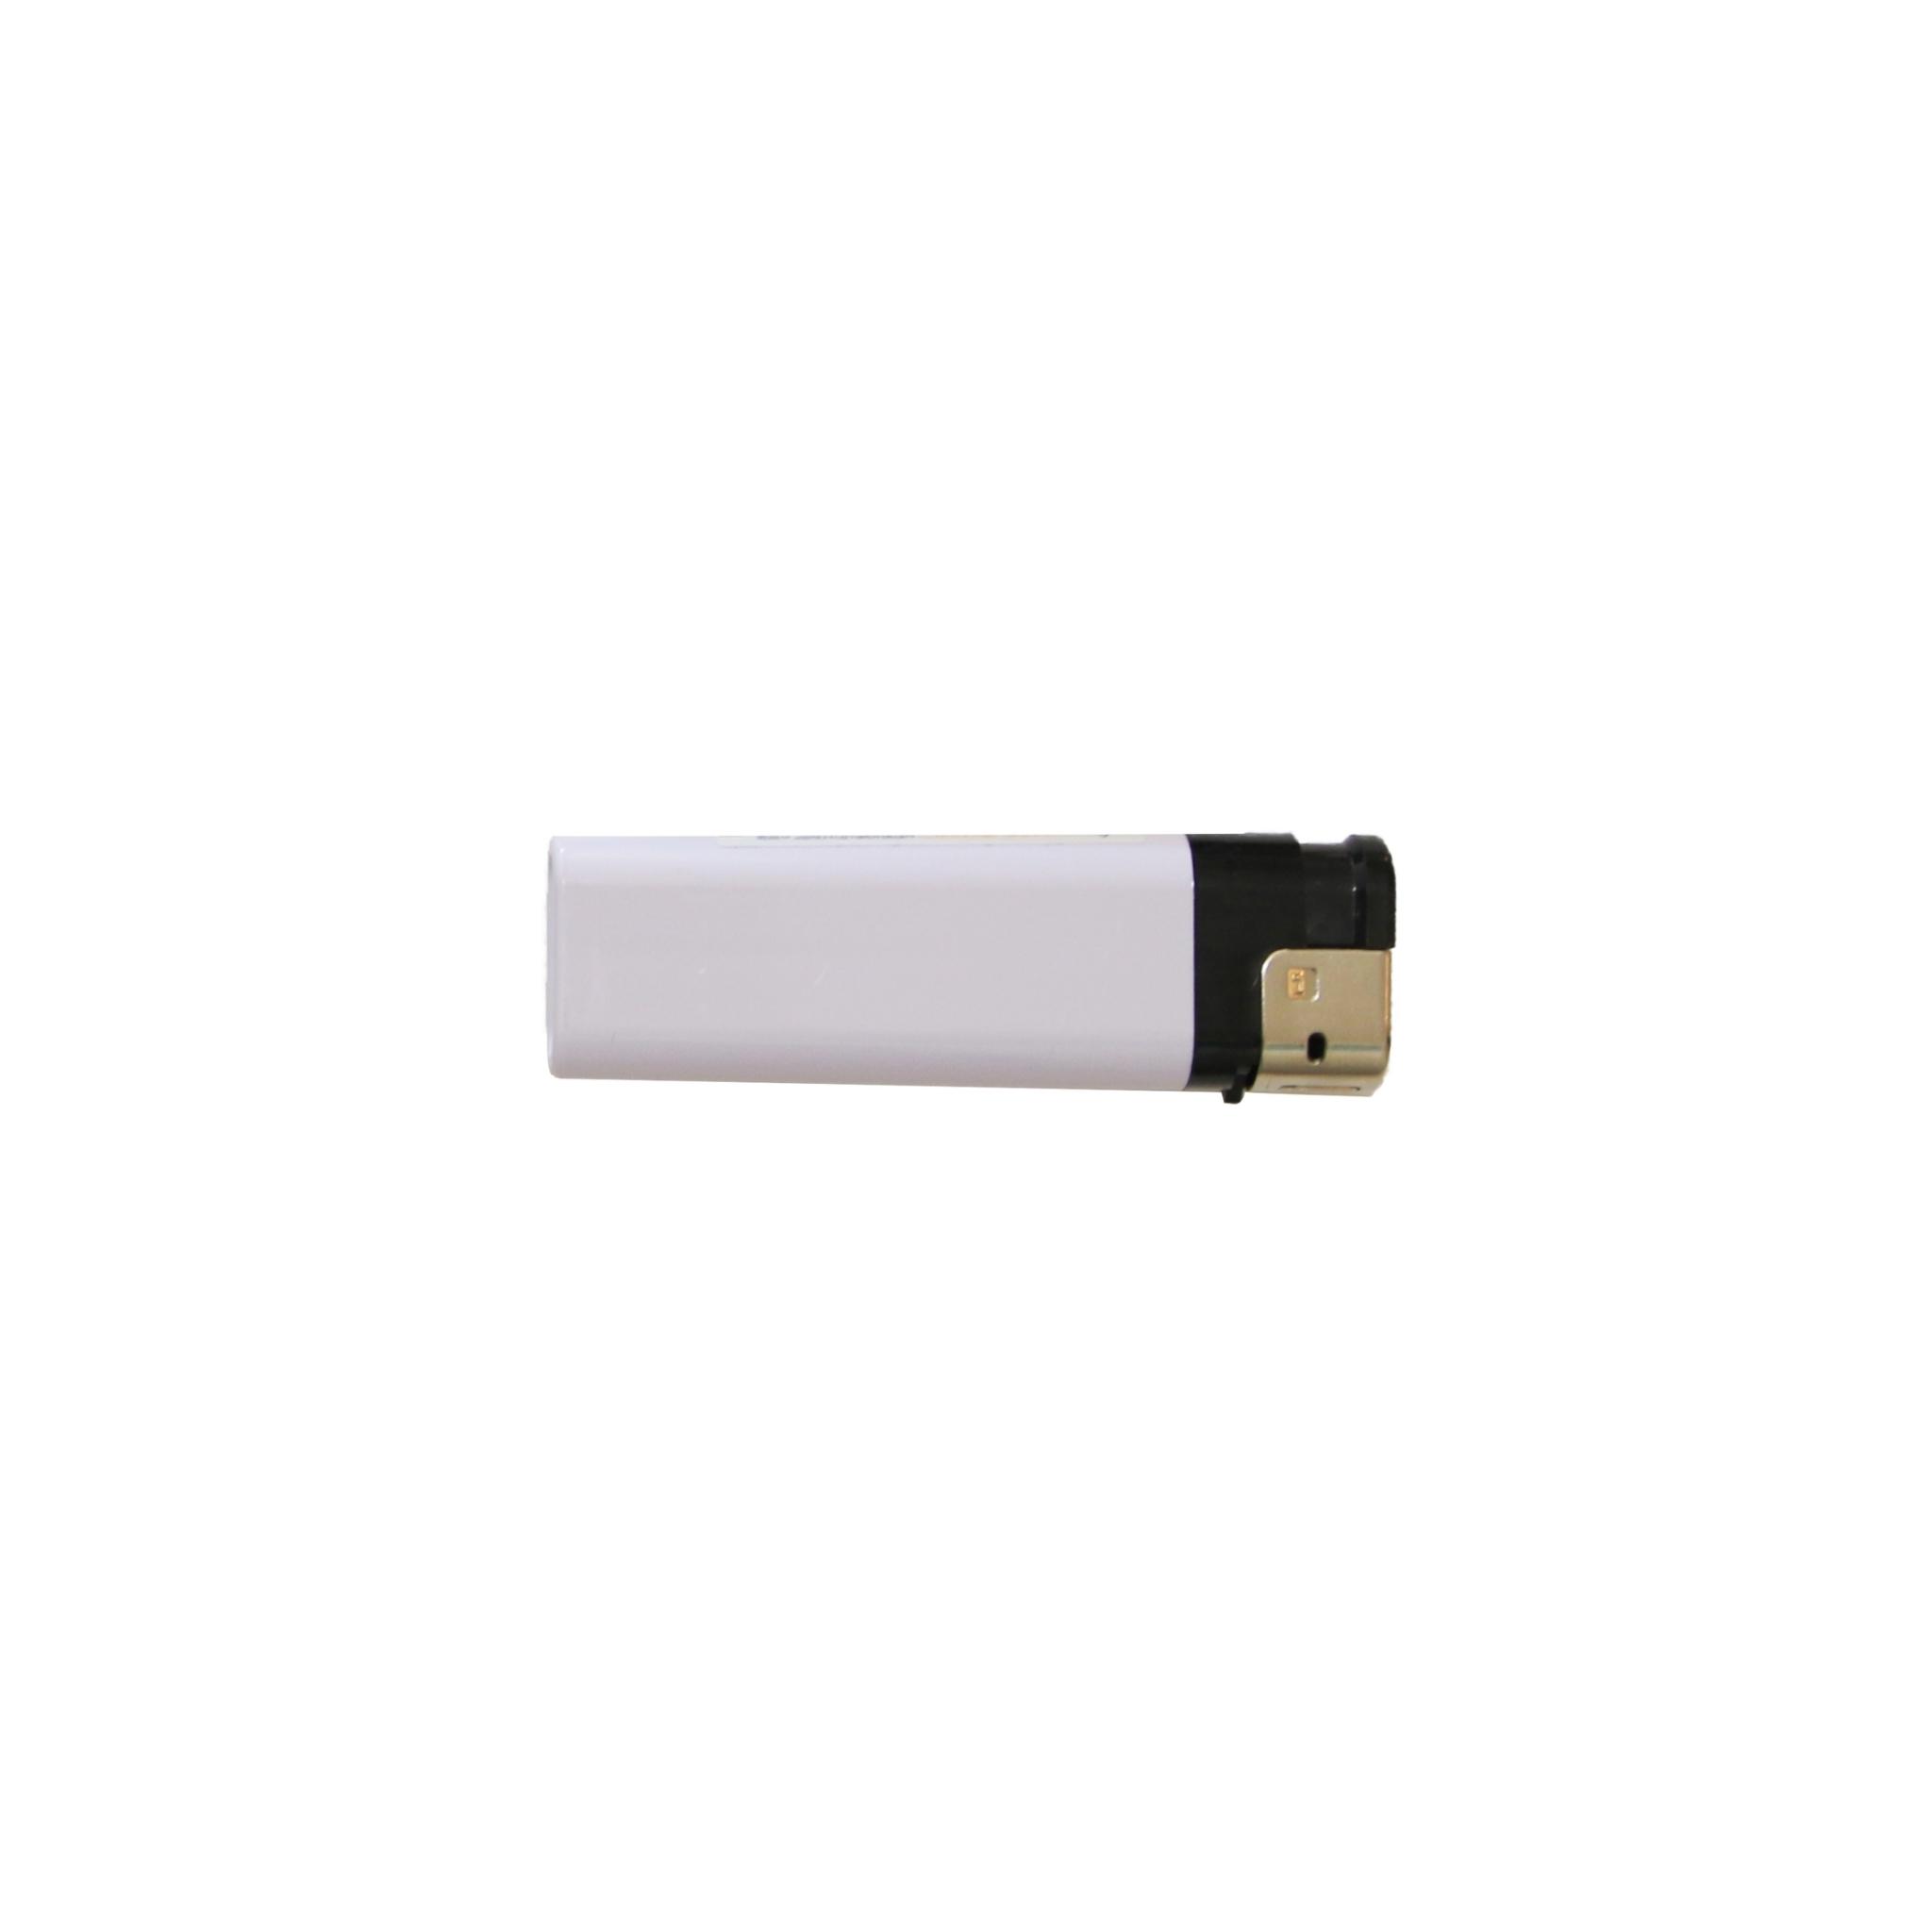 LOGO Throwaway Lighter [WHITE/RED]